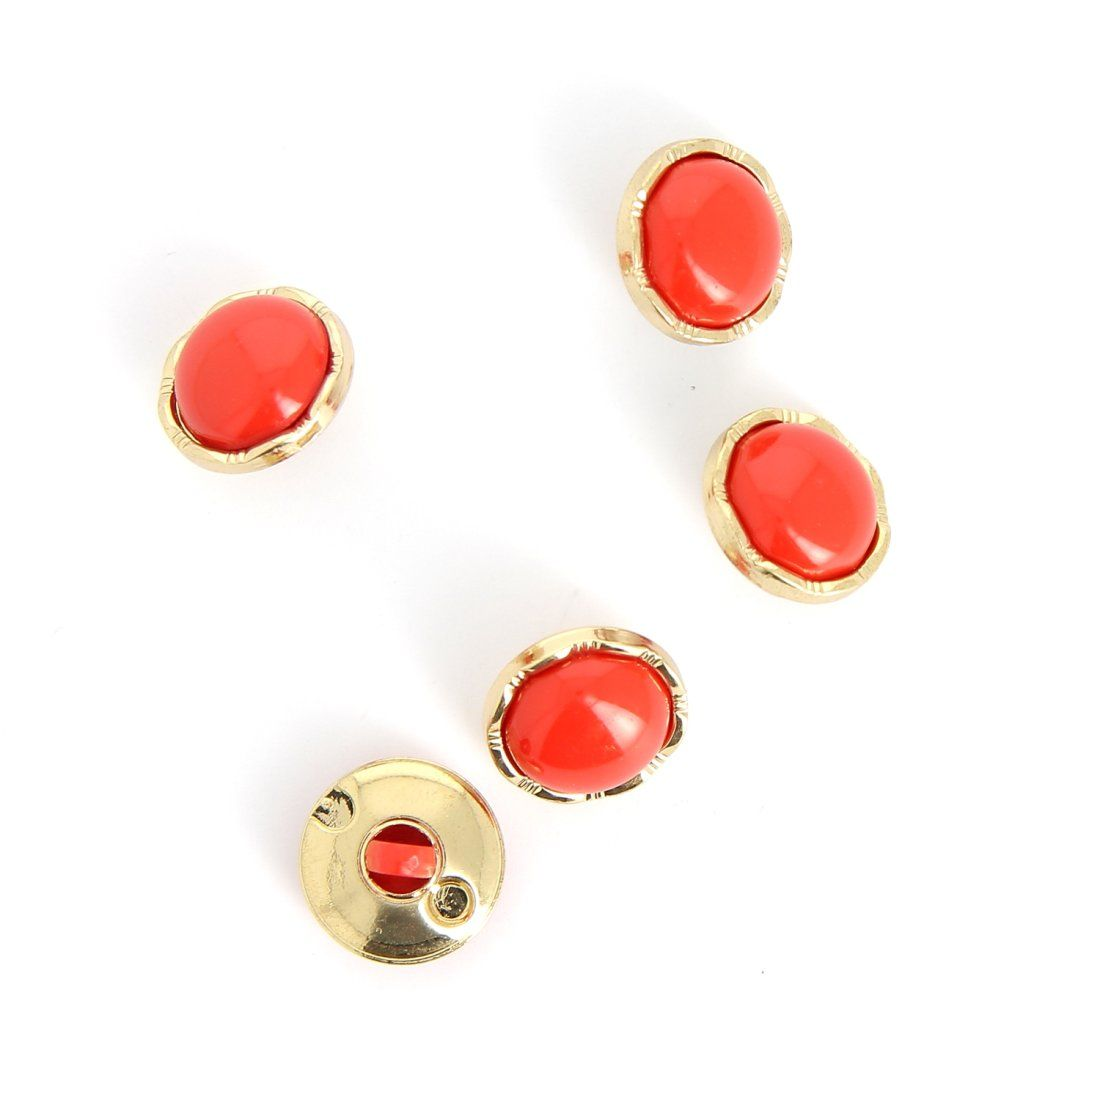 Ösenknopf in Rot und Gold